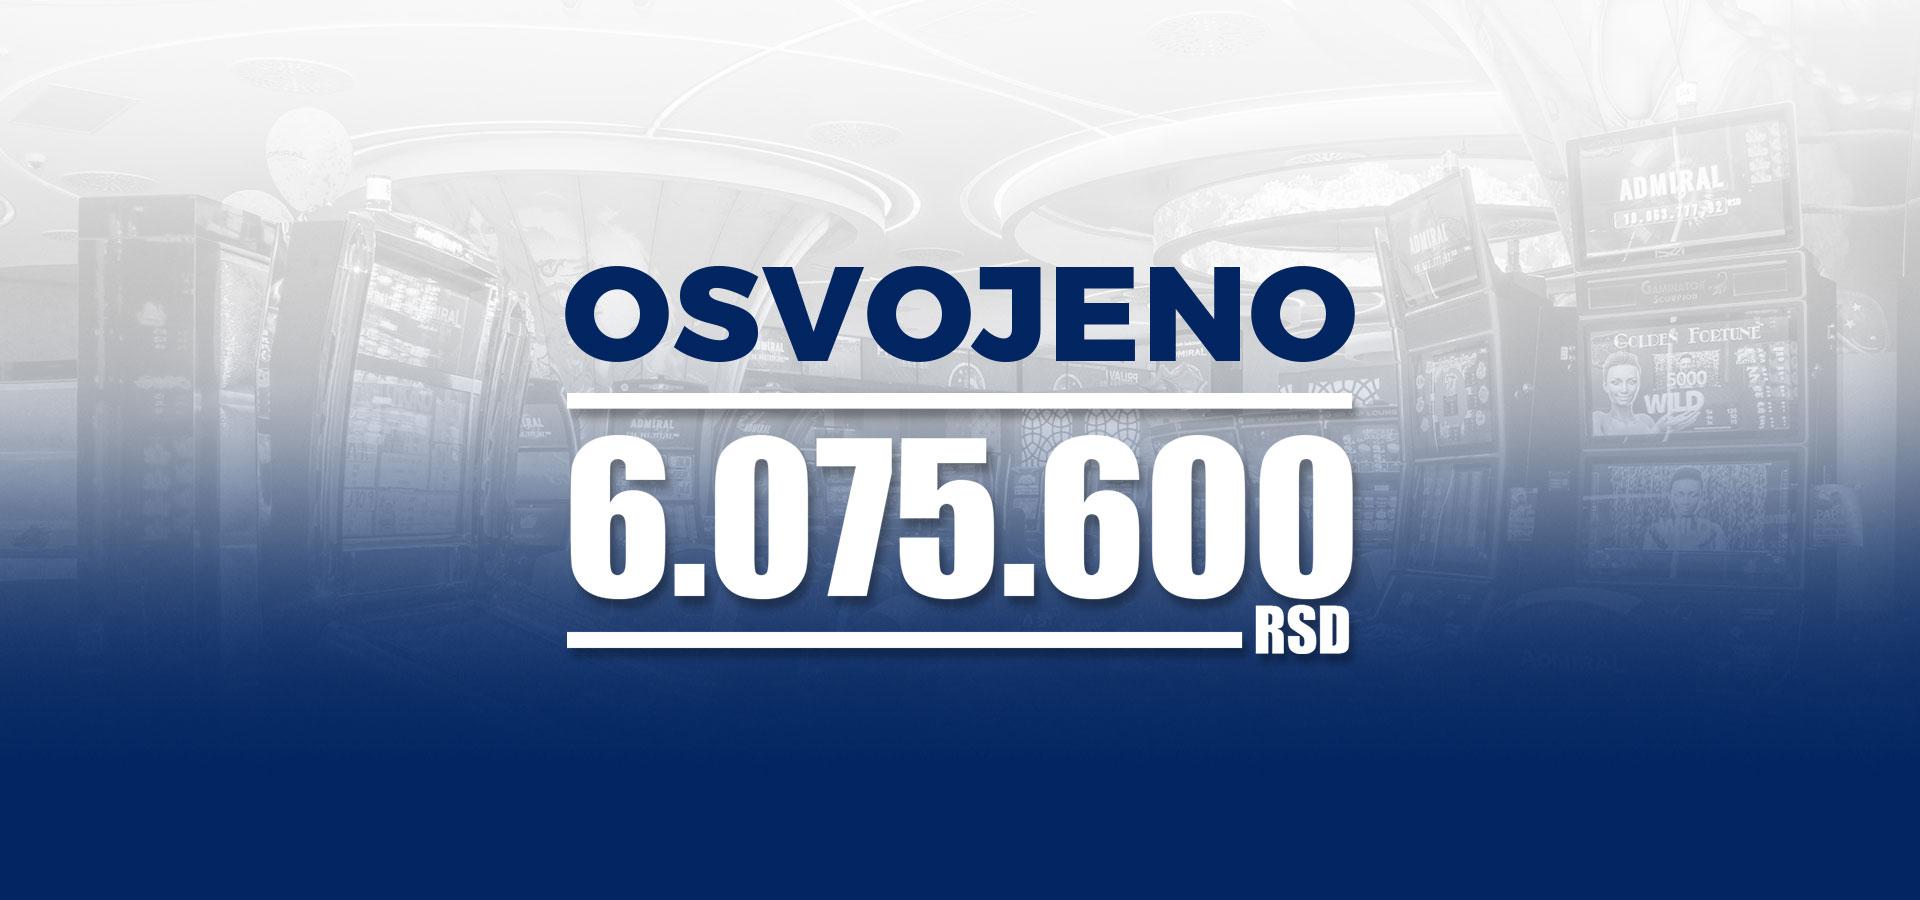 Neverovatan dobitak u PARAĆINU – 6.075.600 RSD